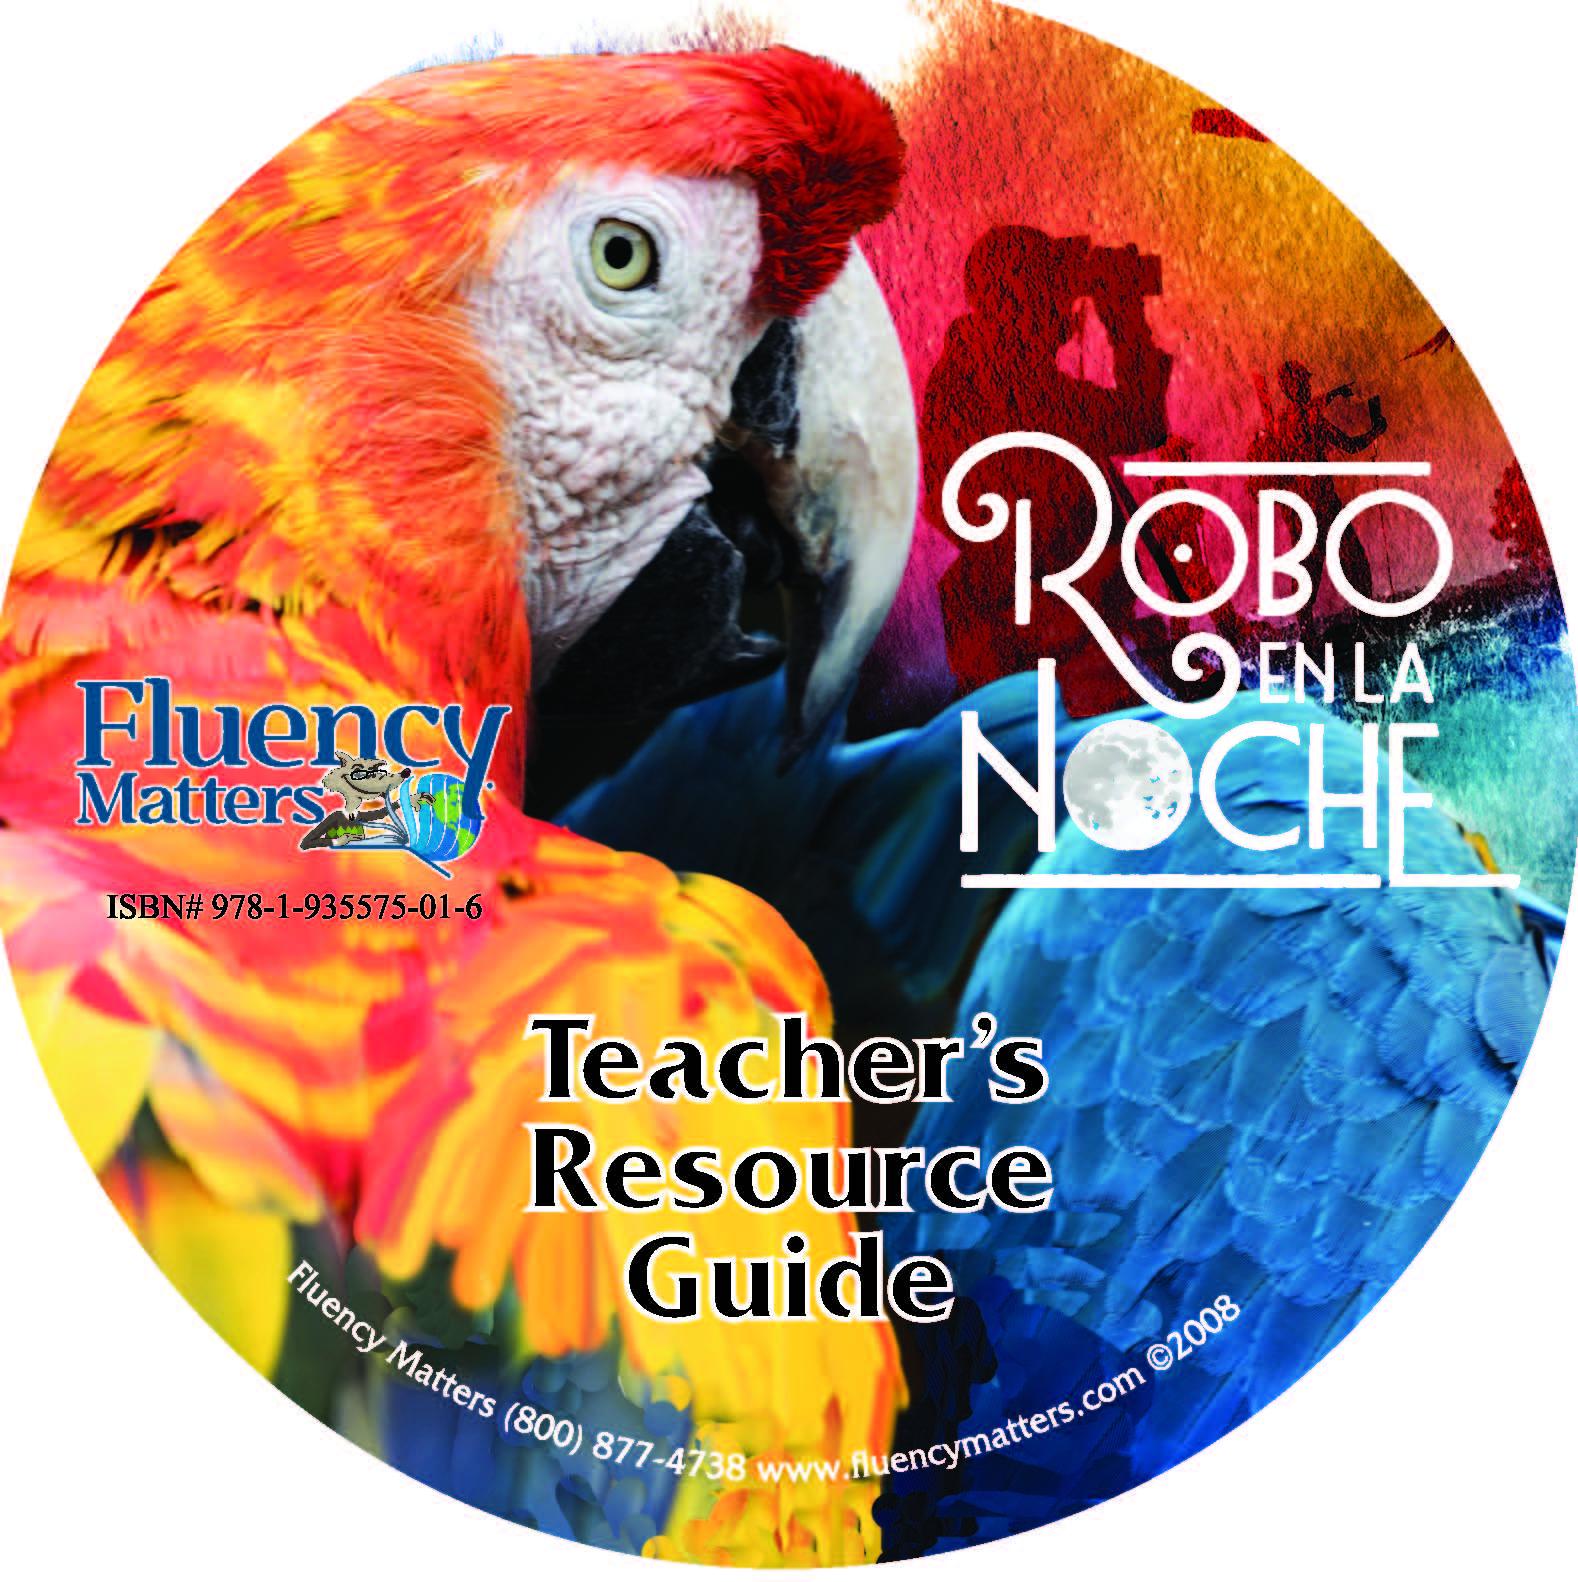 Robo en la noche – Teacher's Guide on CD